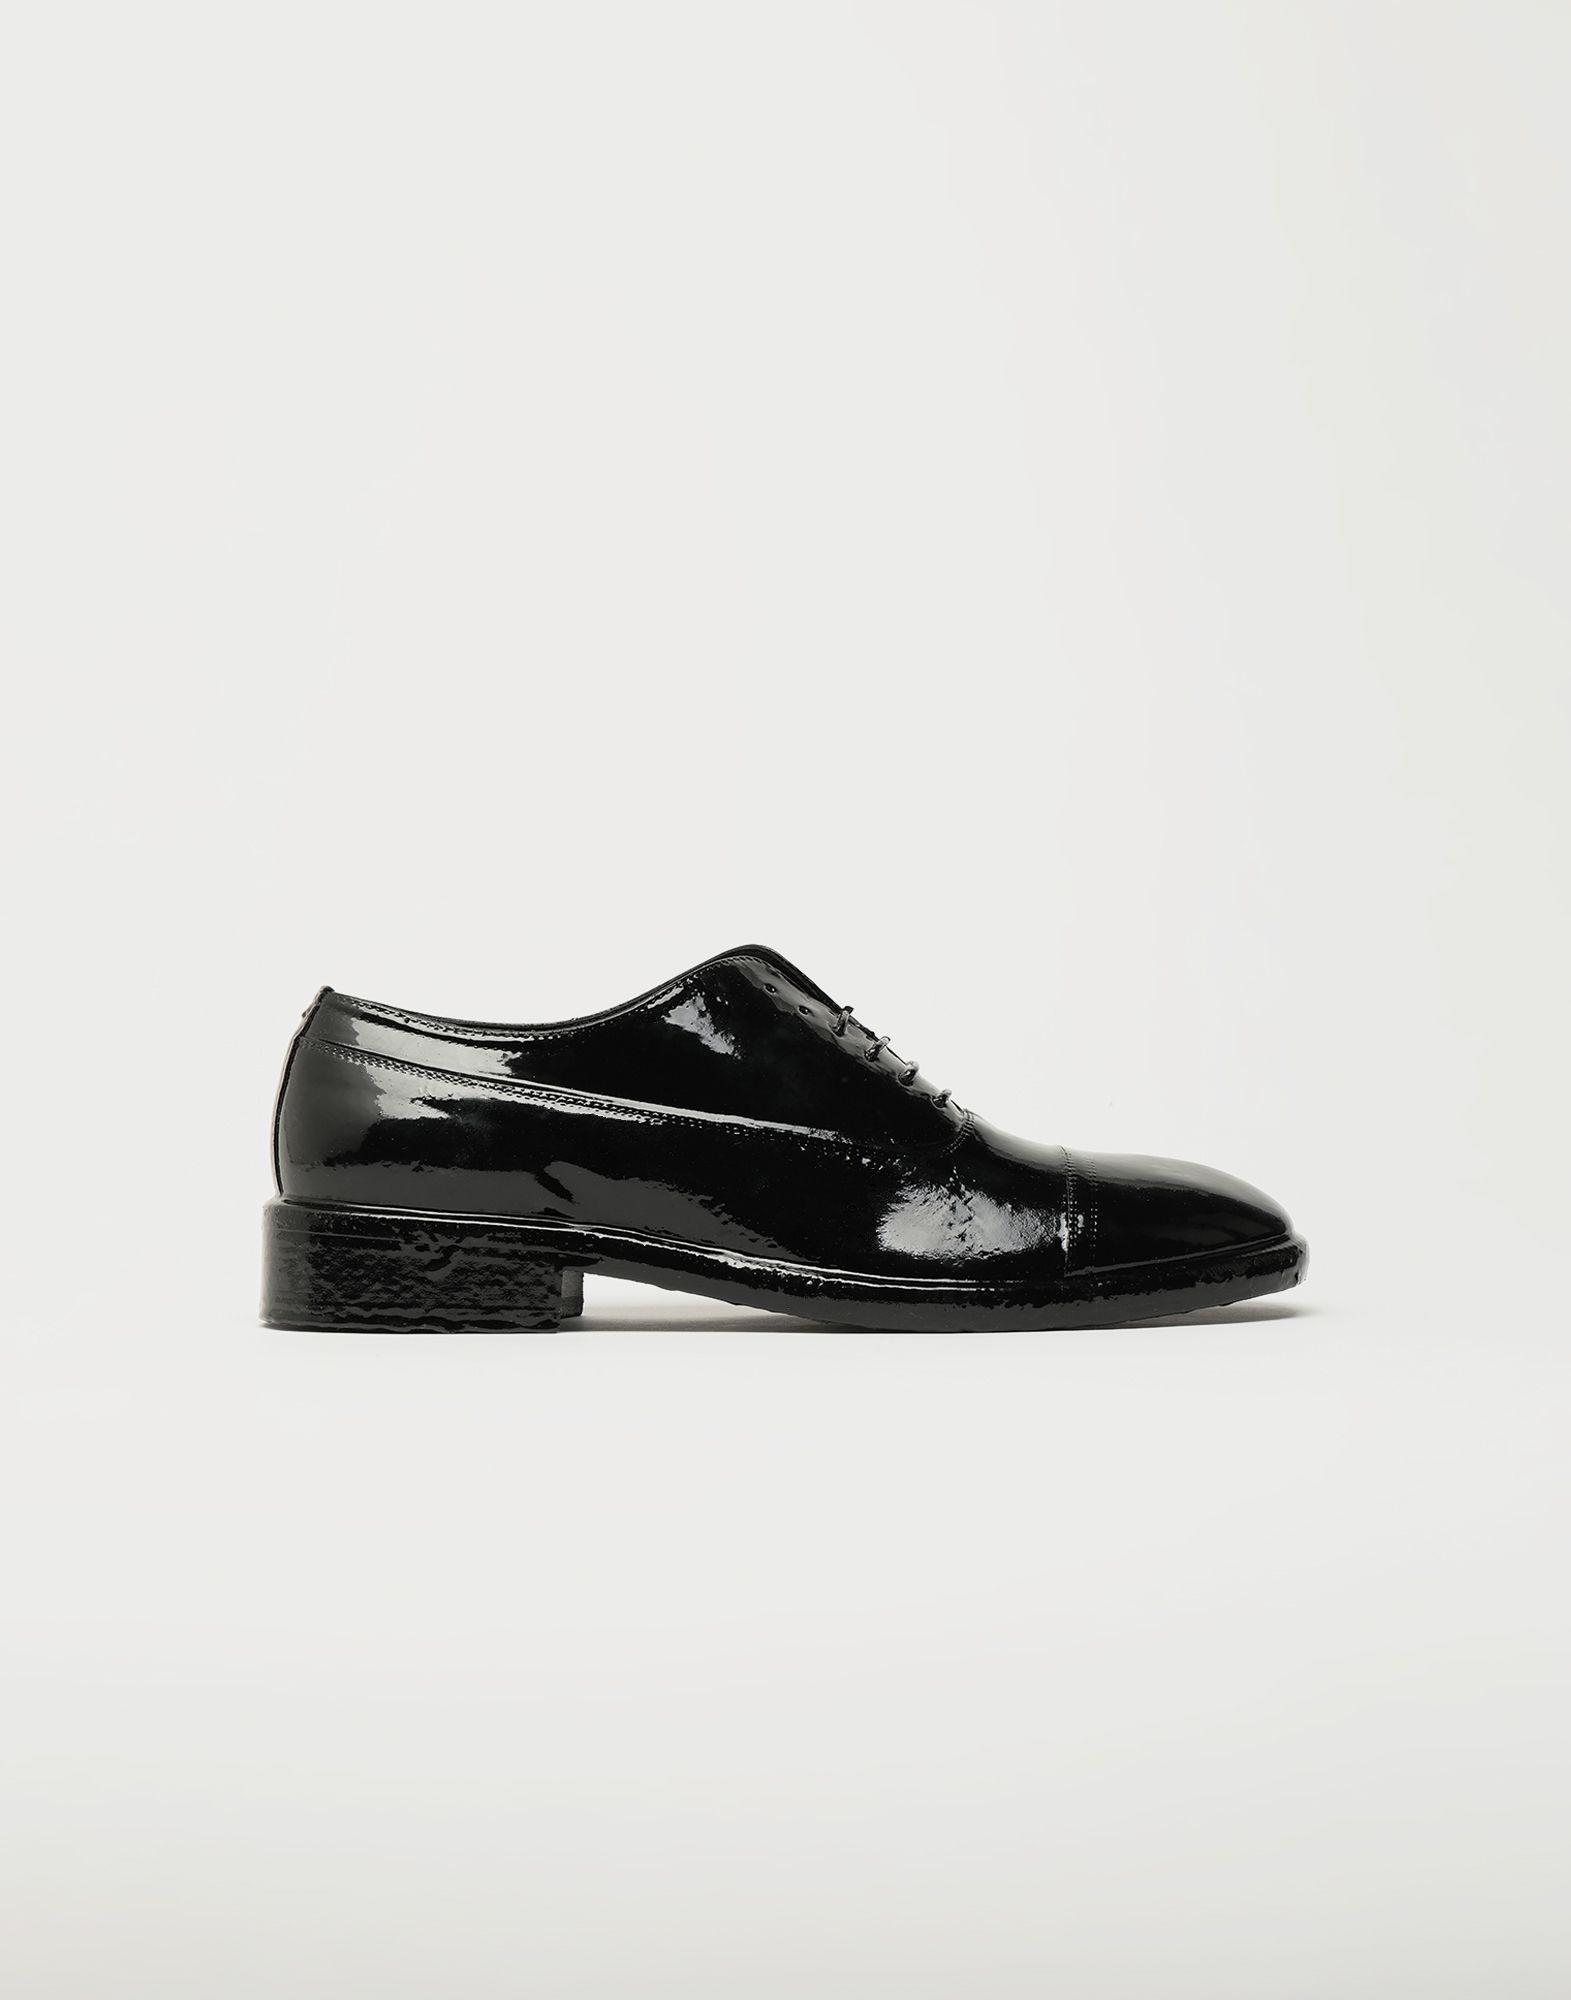 MAISON MARGIELA Plastic Casting Treatment lace-up shoes Laced shoes Man f